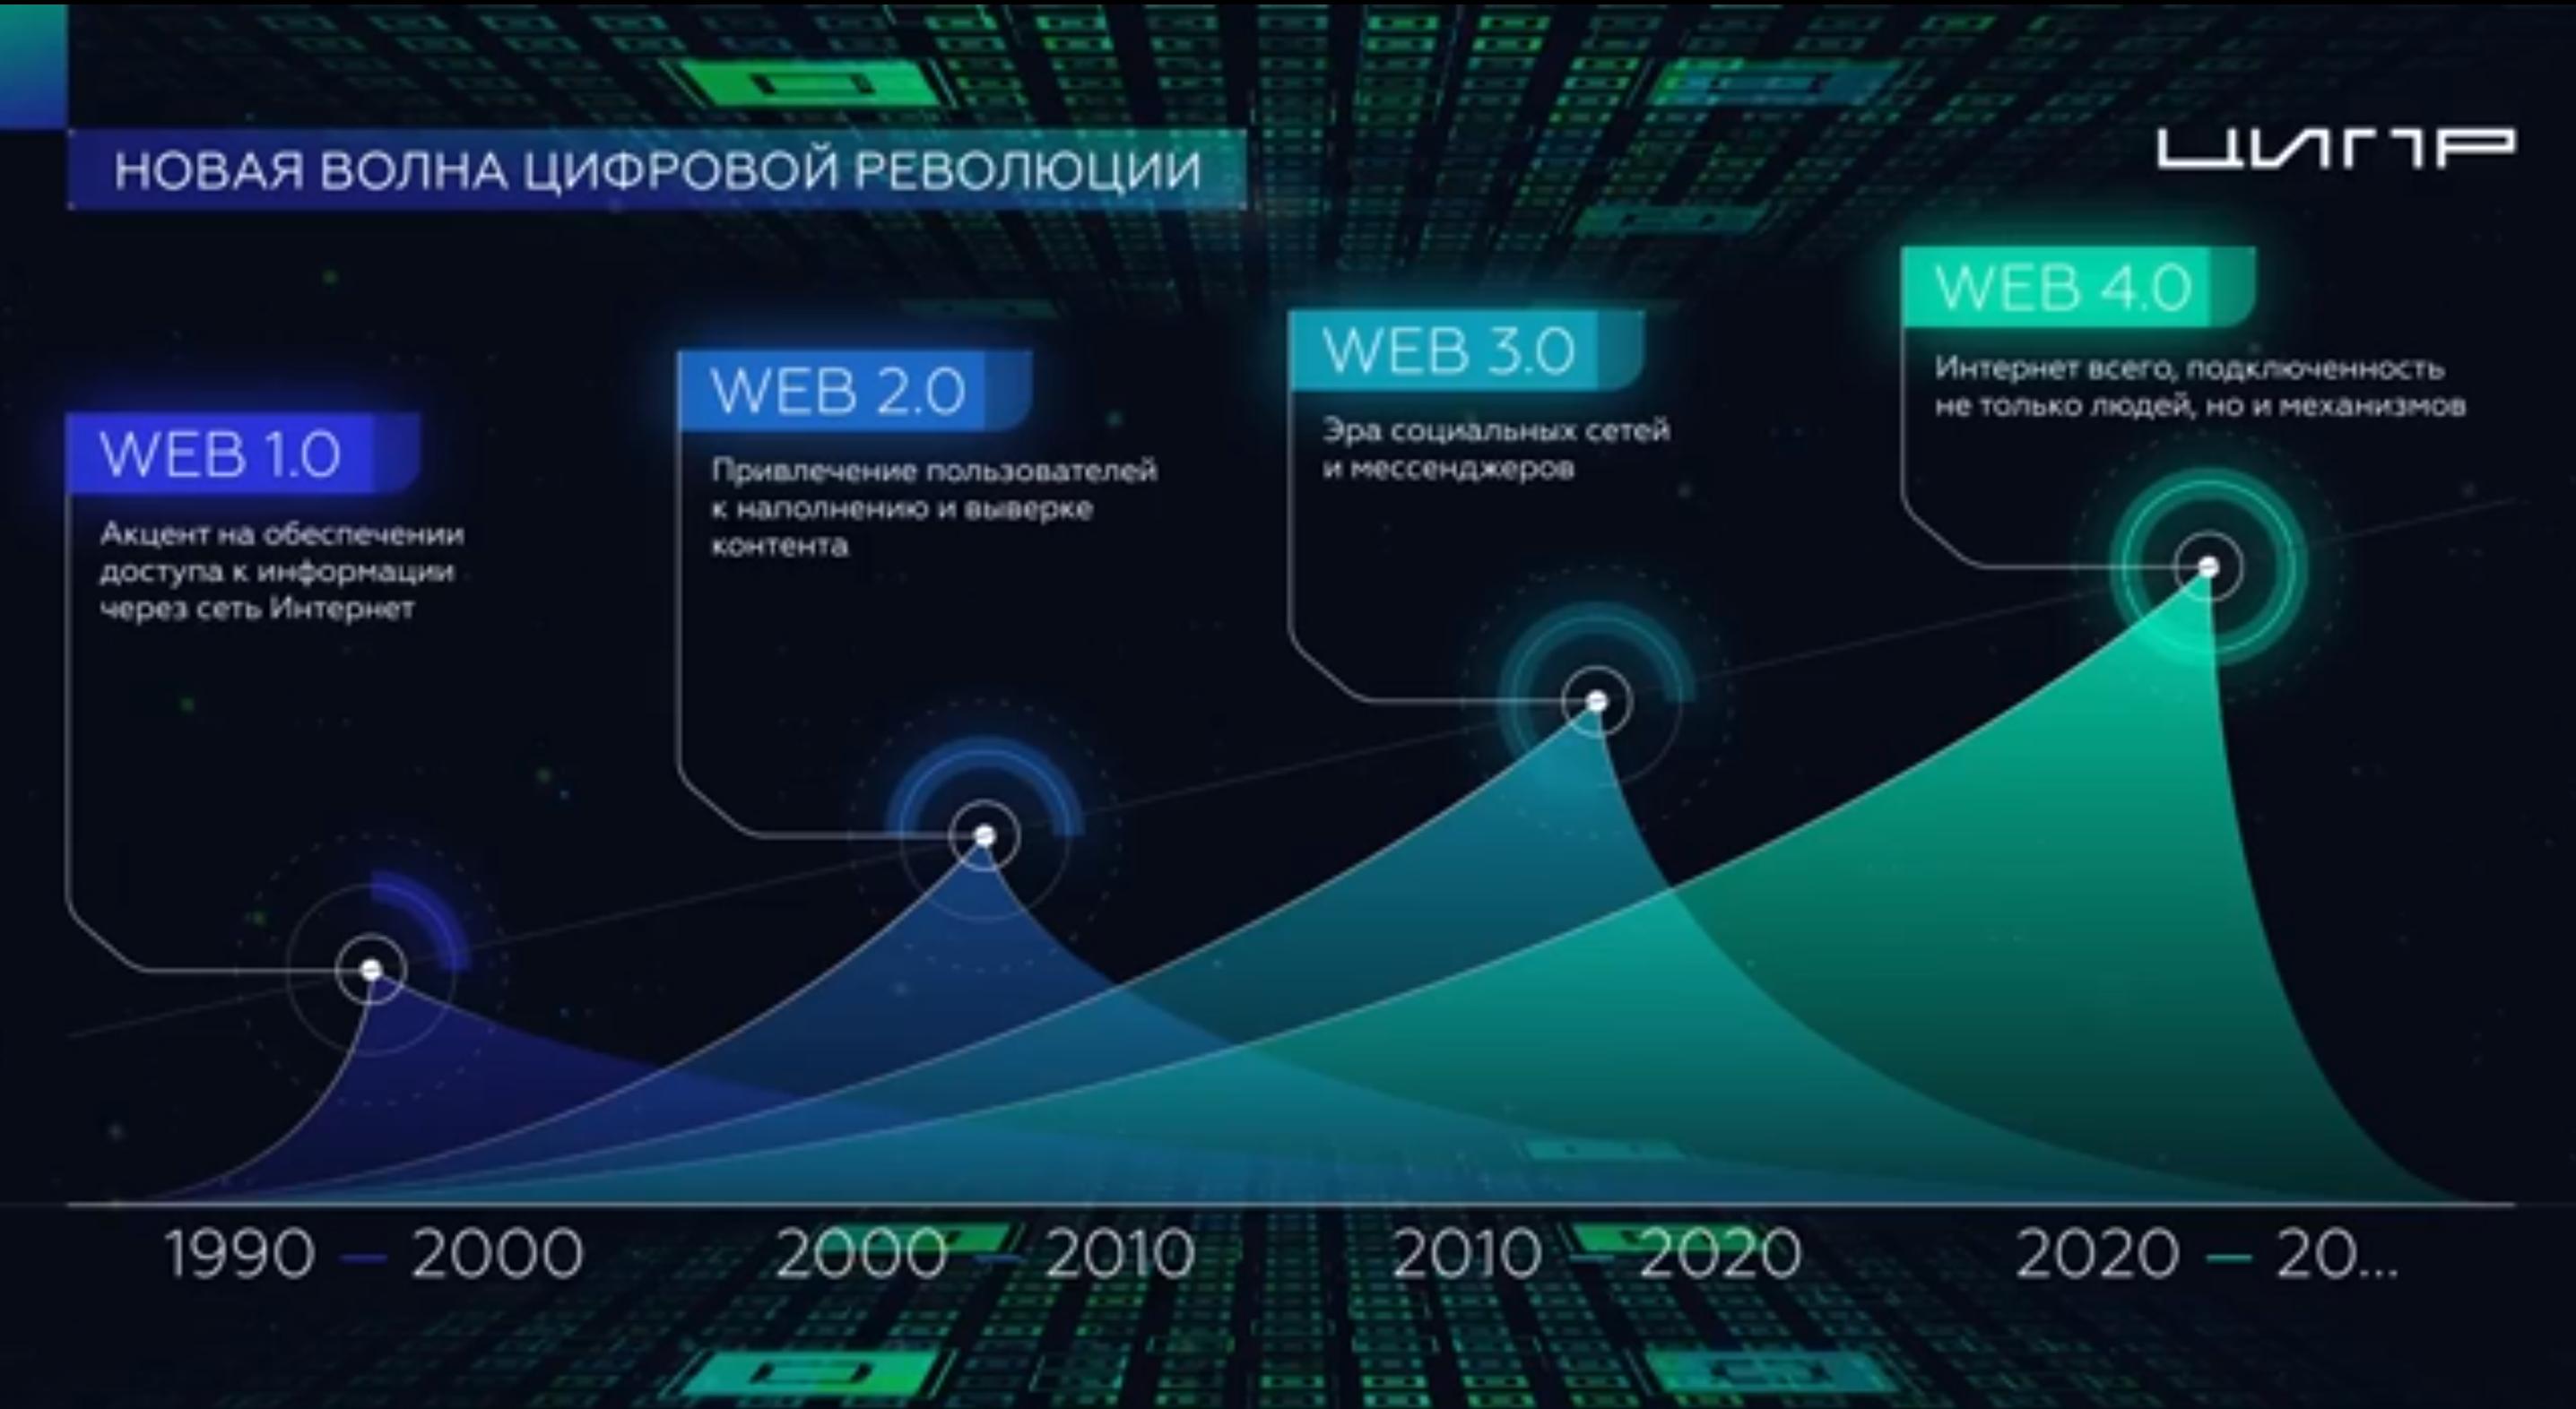 Цифровизация бизнеса | мнение экспертов о бизнесе будушего